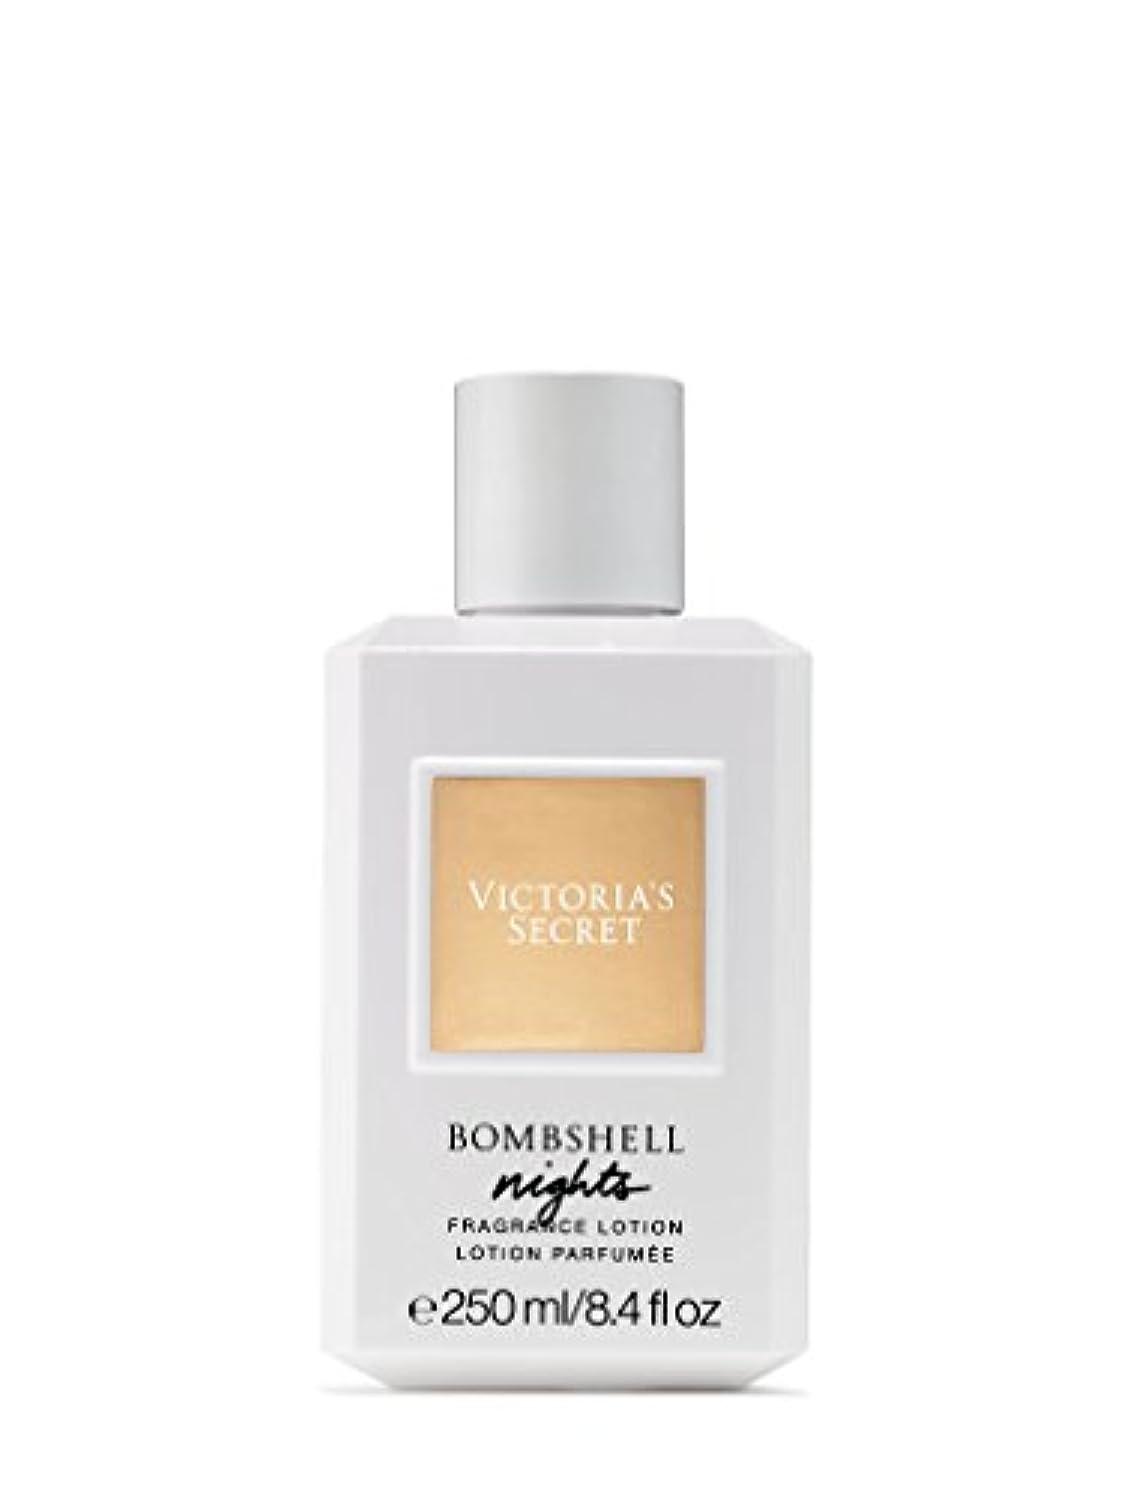 爬虫類ブーストローンBombshell Nights (ボムシェル ナイツ) 8.4 oz (252ml) Fragrance Body Lotion ボディーローション by Victoria's Secret for Women